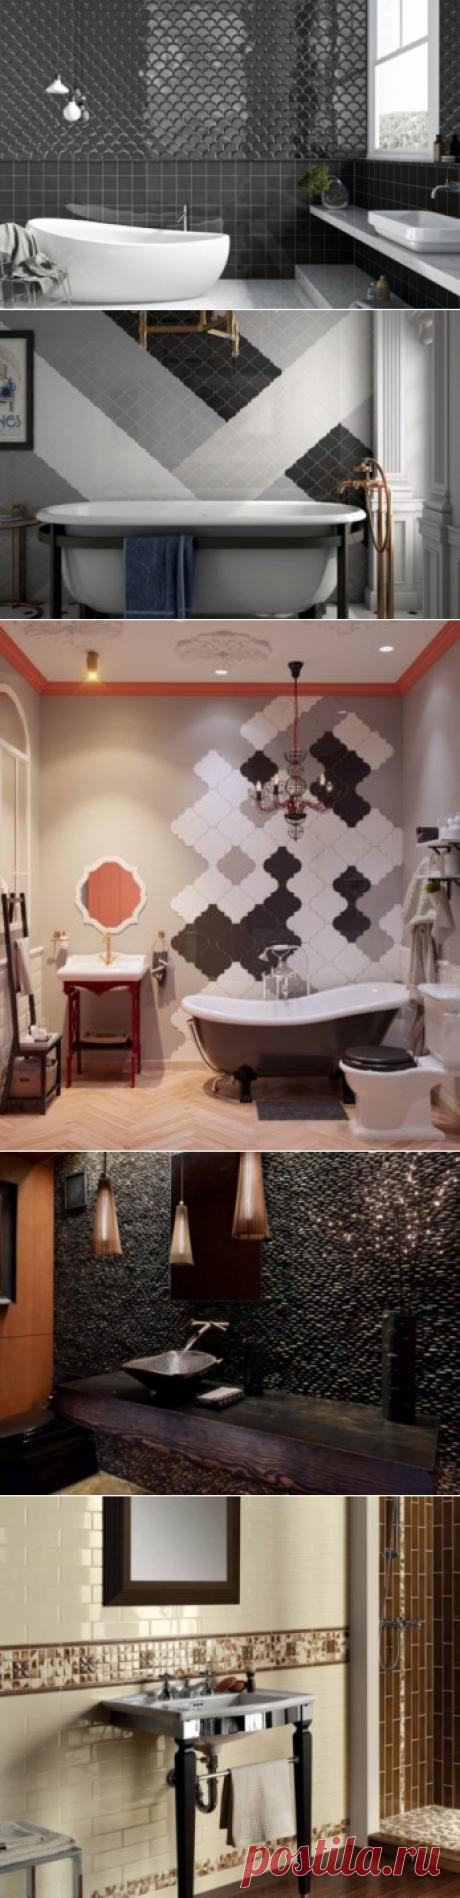 Мозаика на стену: оригинальные решения в интерьерном дизайне